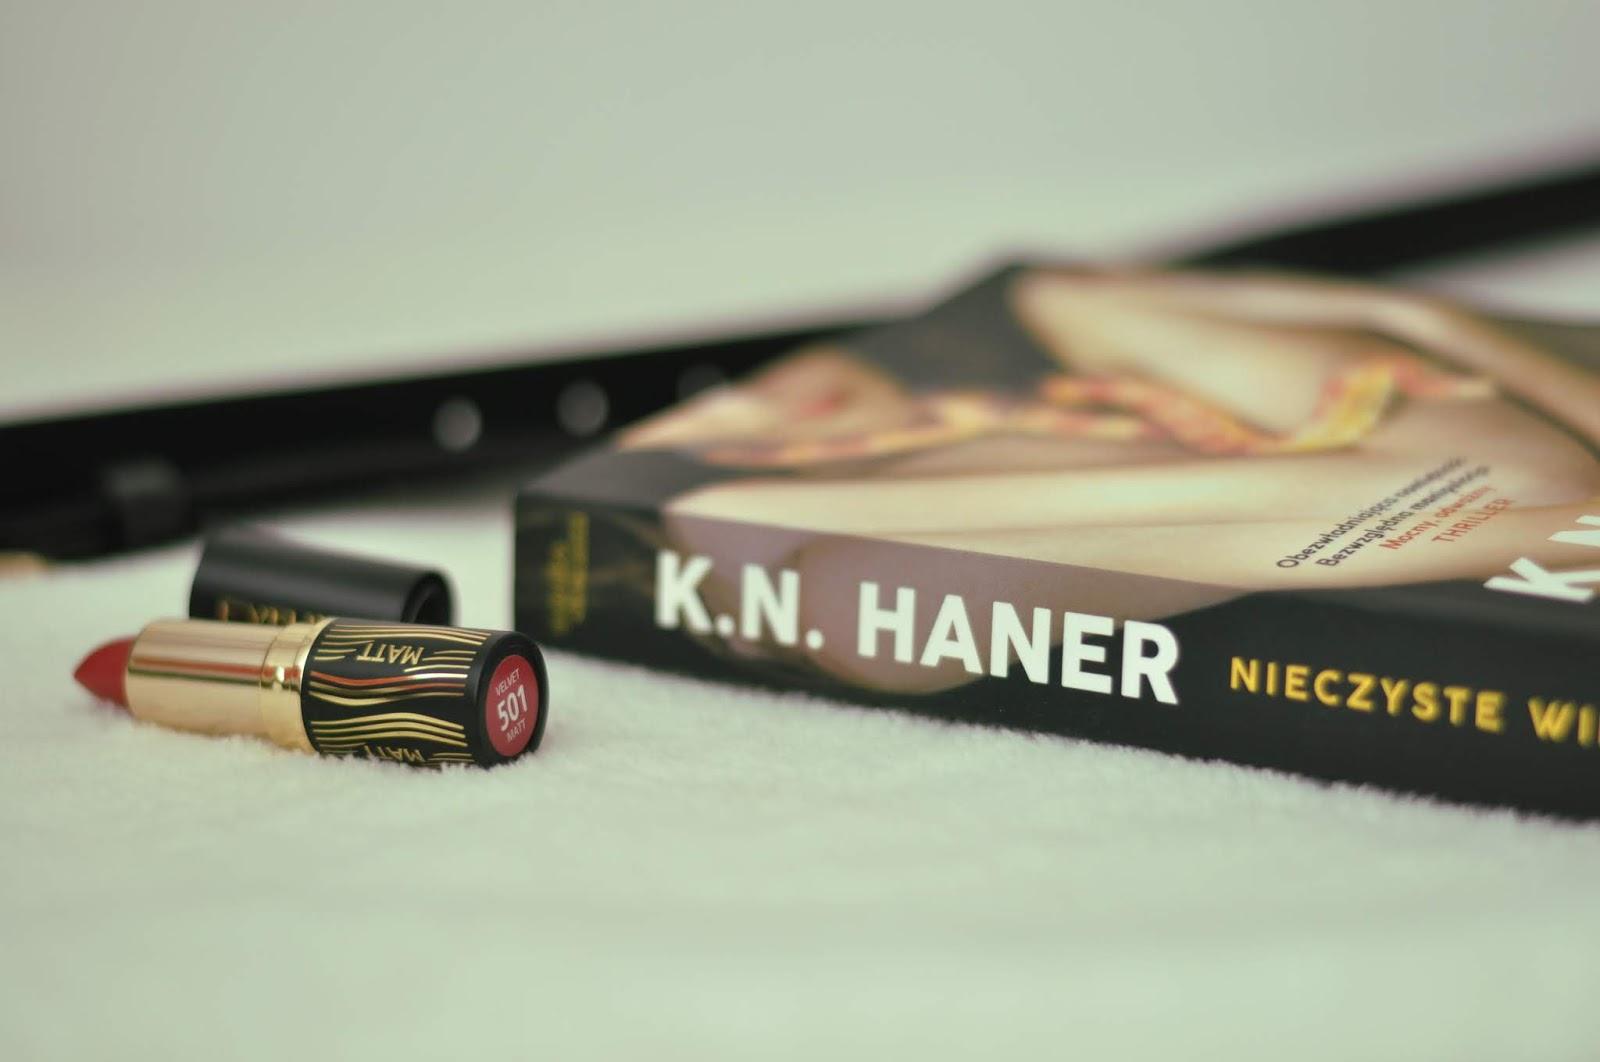 """""""Nieczyste więzy"""" - K.N. Haner 📙 PRZEDPREMIEROWO"""